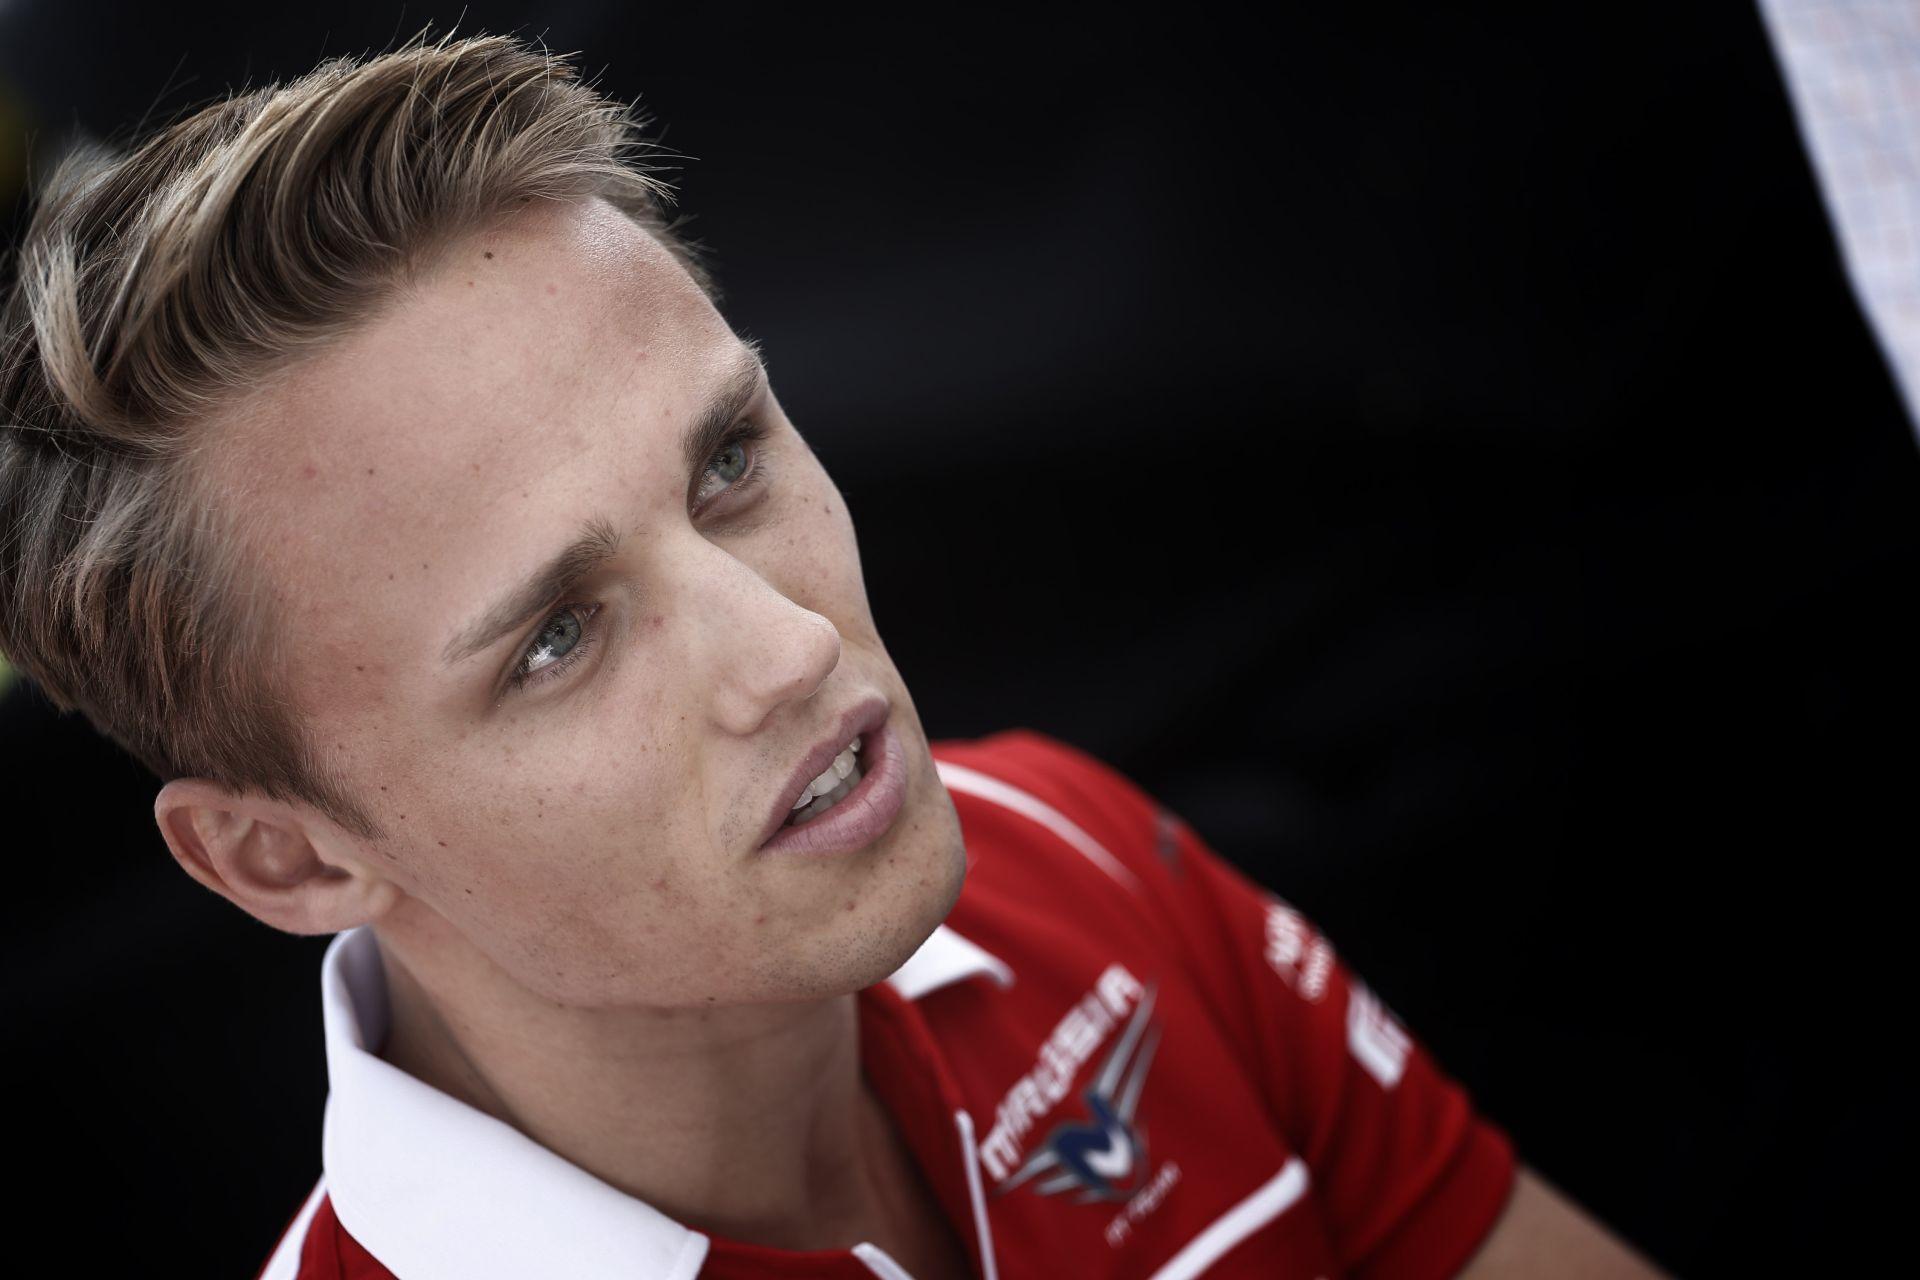 Chilton visszakapja a helyét Spában, mégsem Rossi indul: megoldották az ügyet (frissítve)